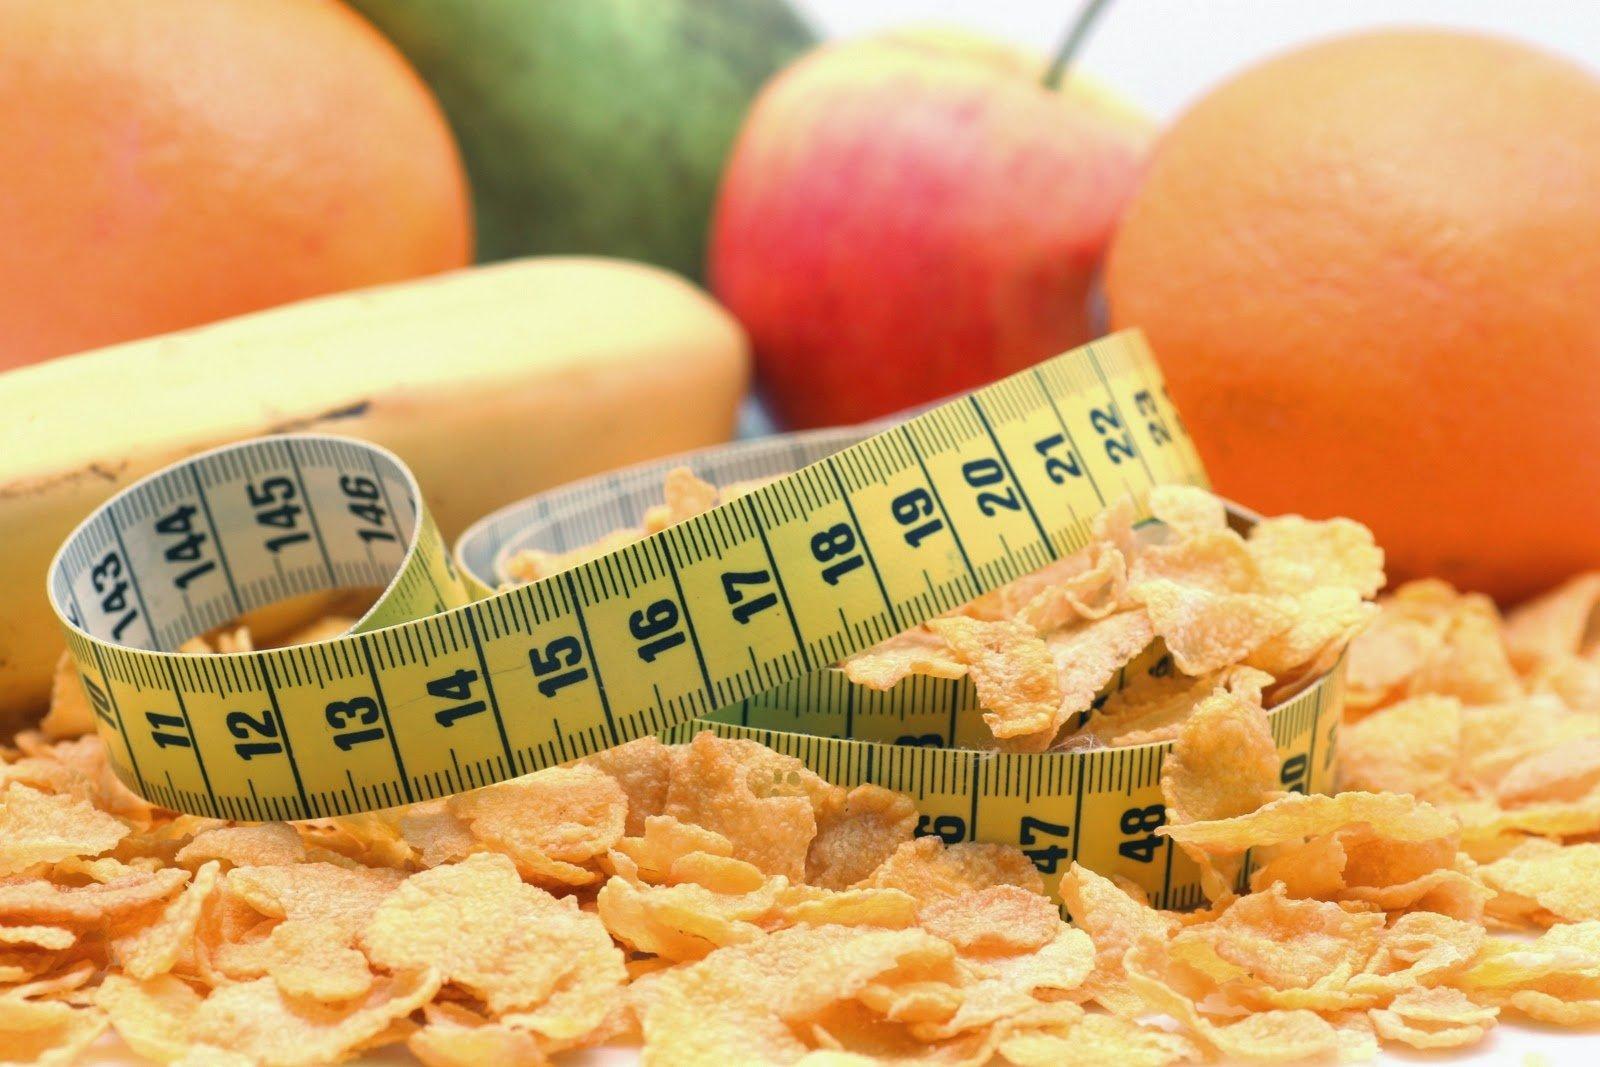 1501338761 yaponskaya dieta1 Ученые назвали секрет самой результативной диеты